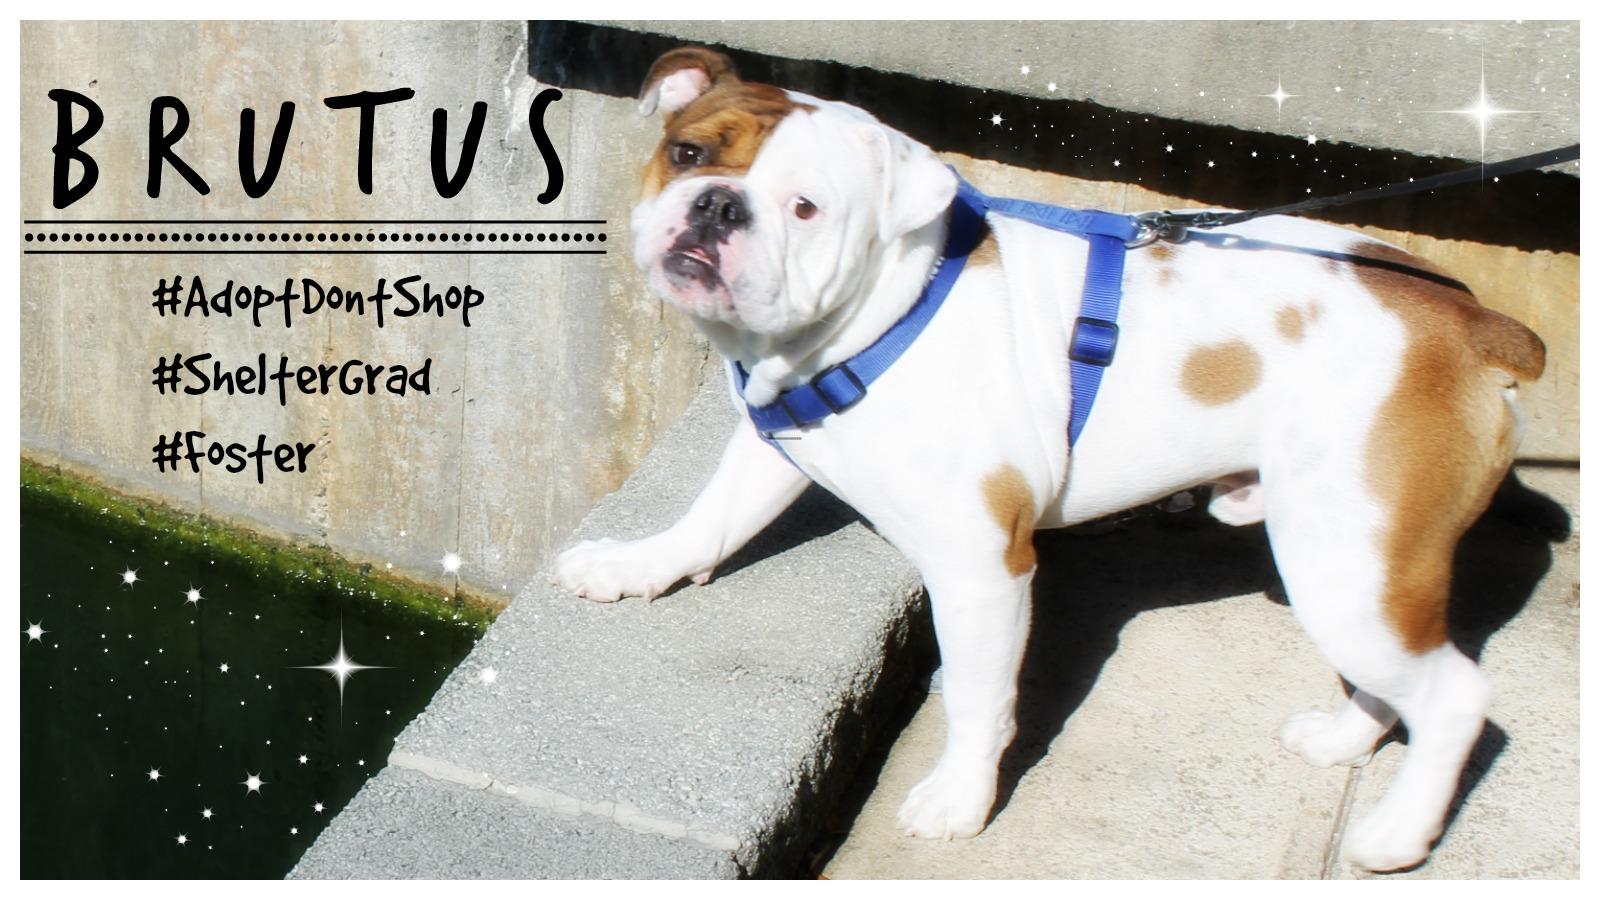 Brutus Featured